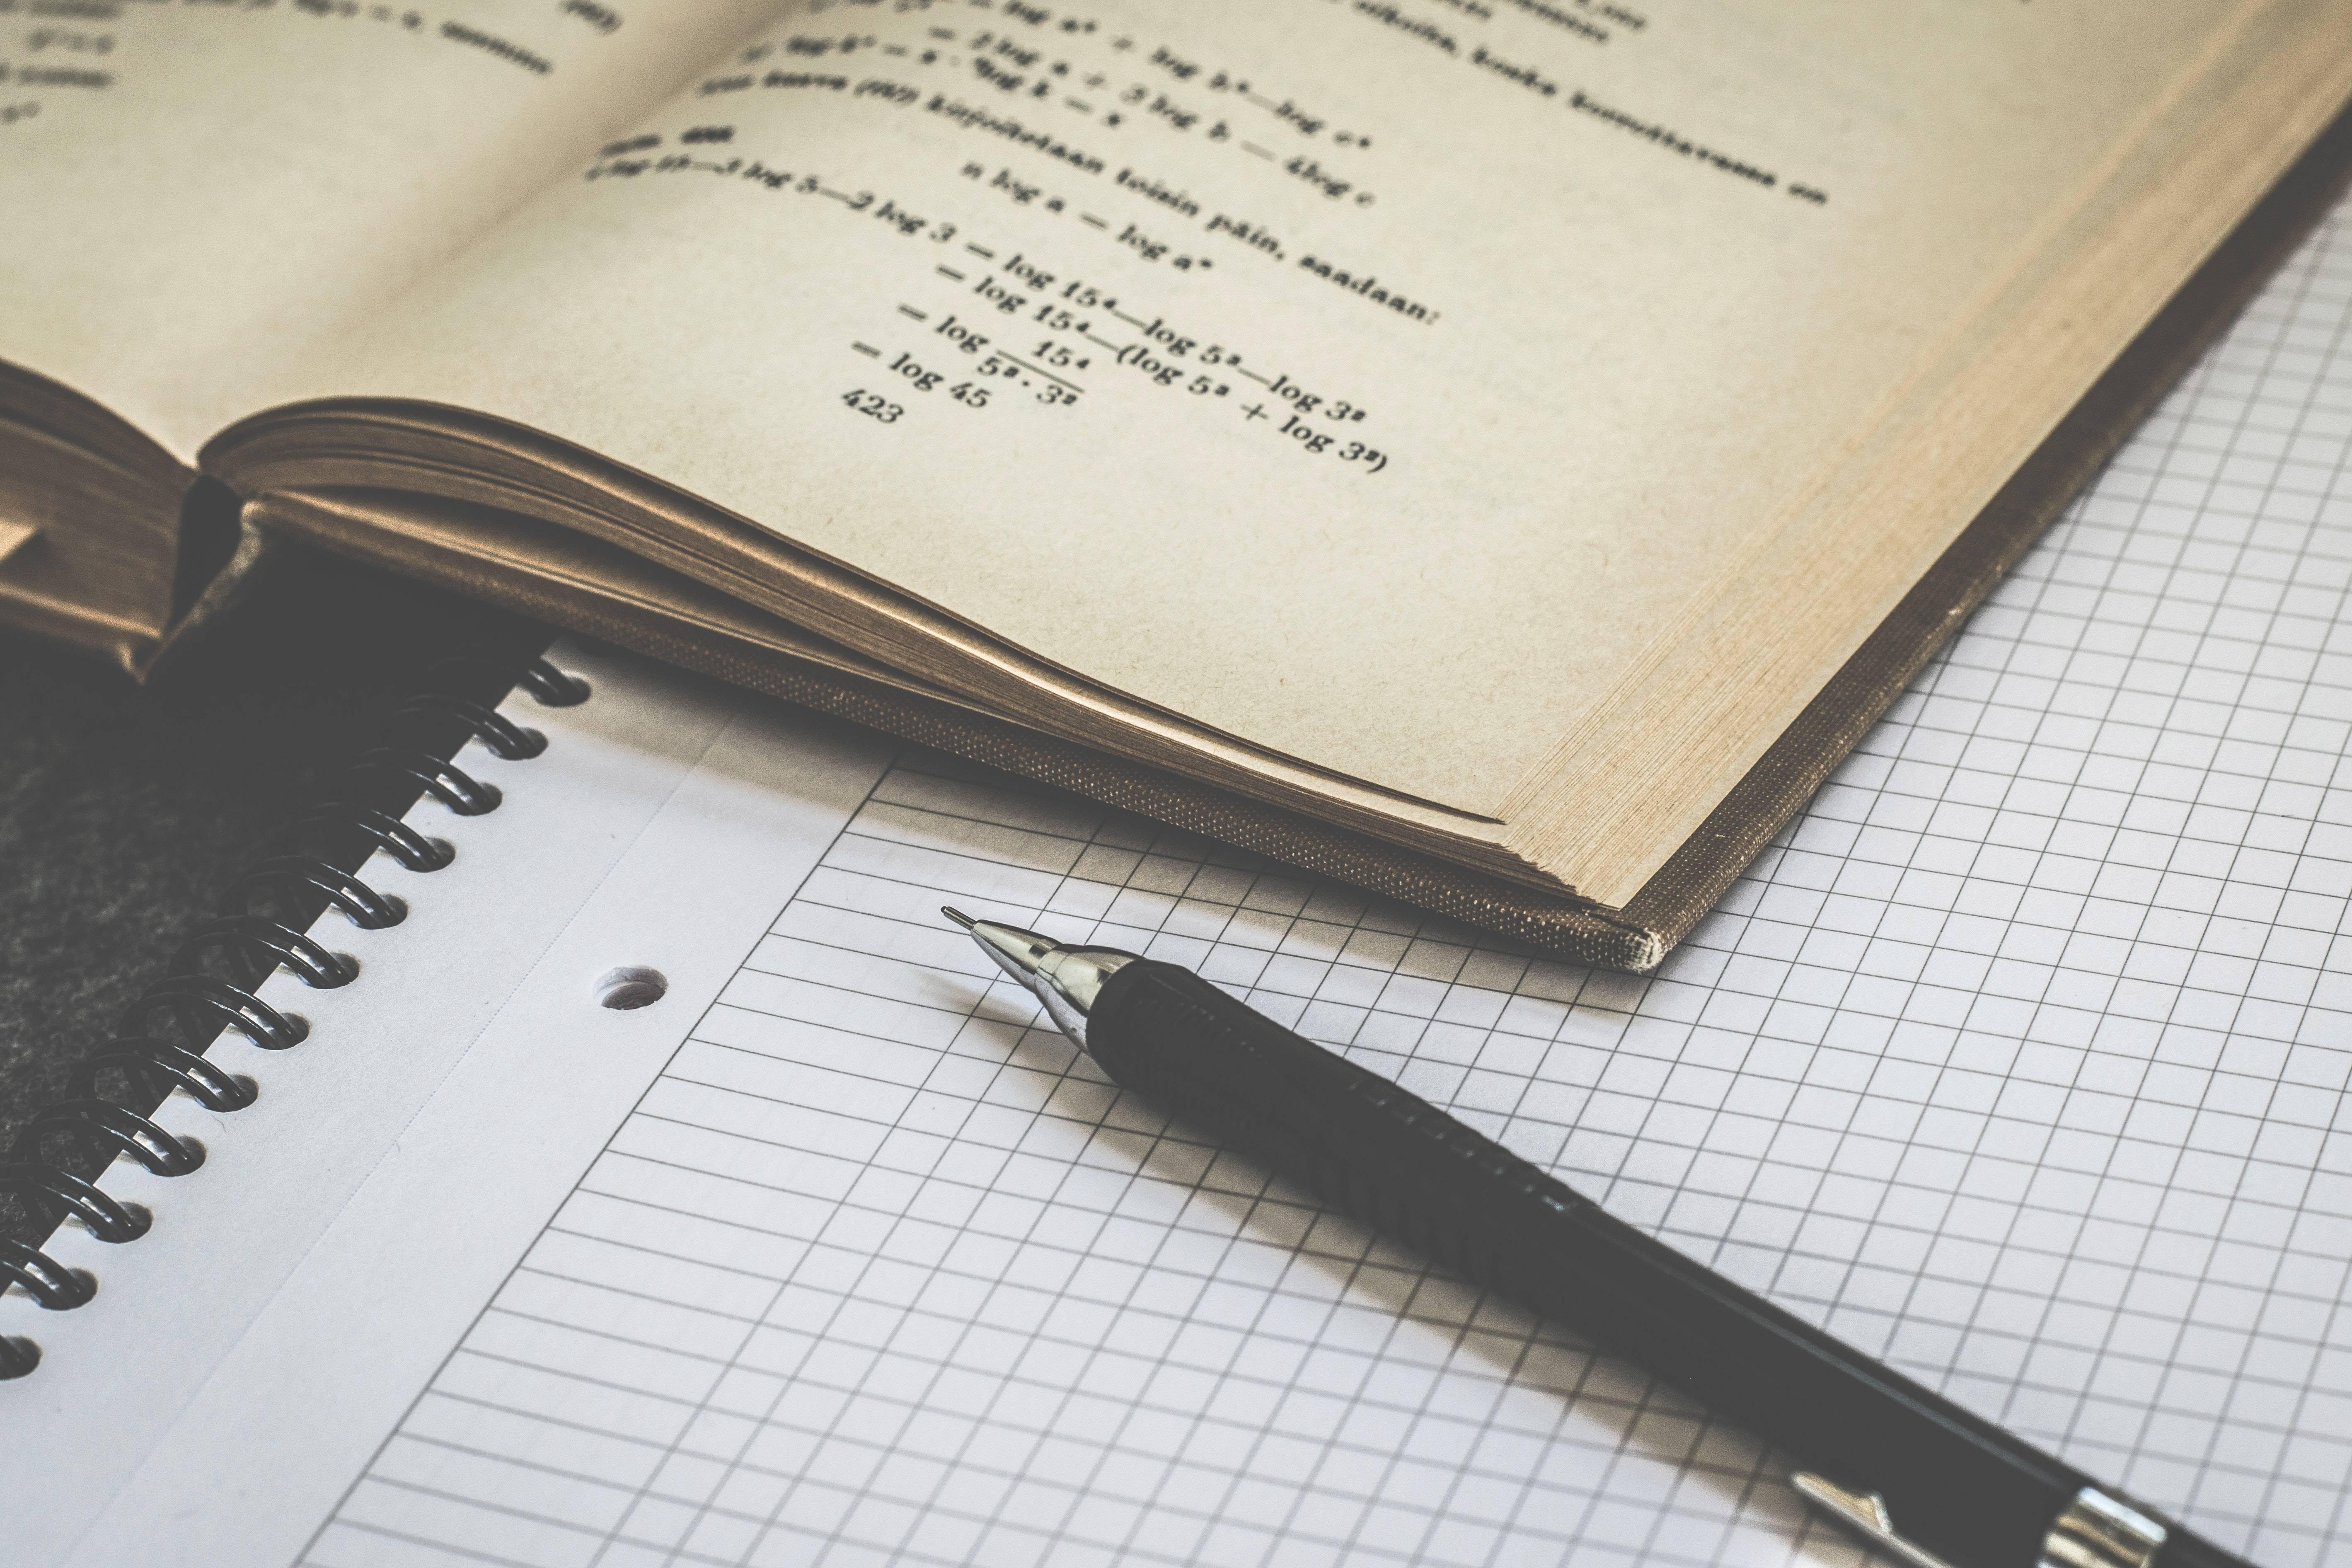 考2020MBA /申请mba推荐信该找谁写,写什么比较好呢?/博雅汇MBA